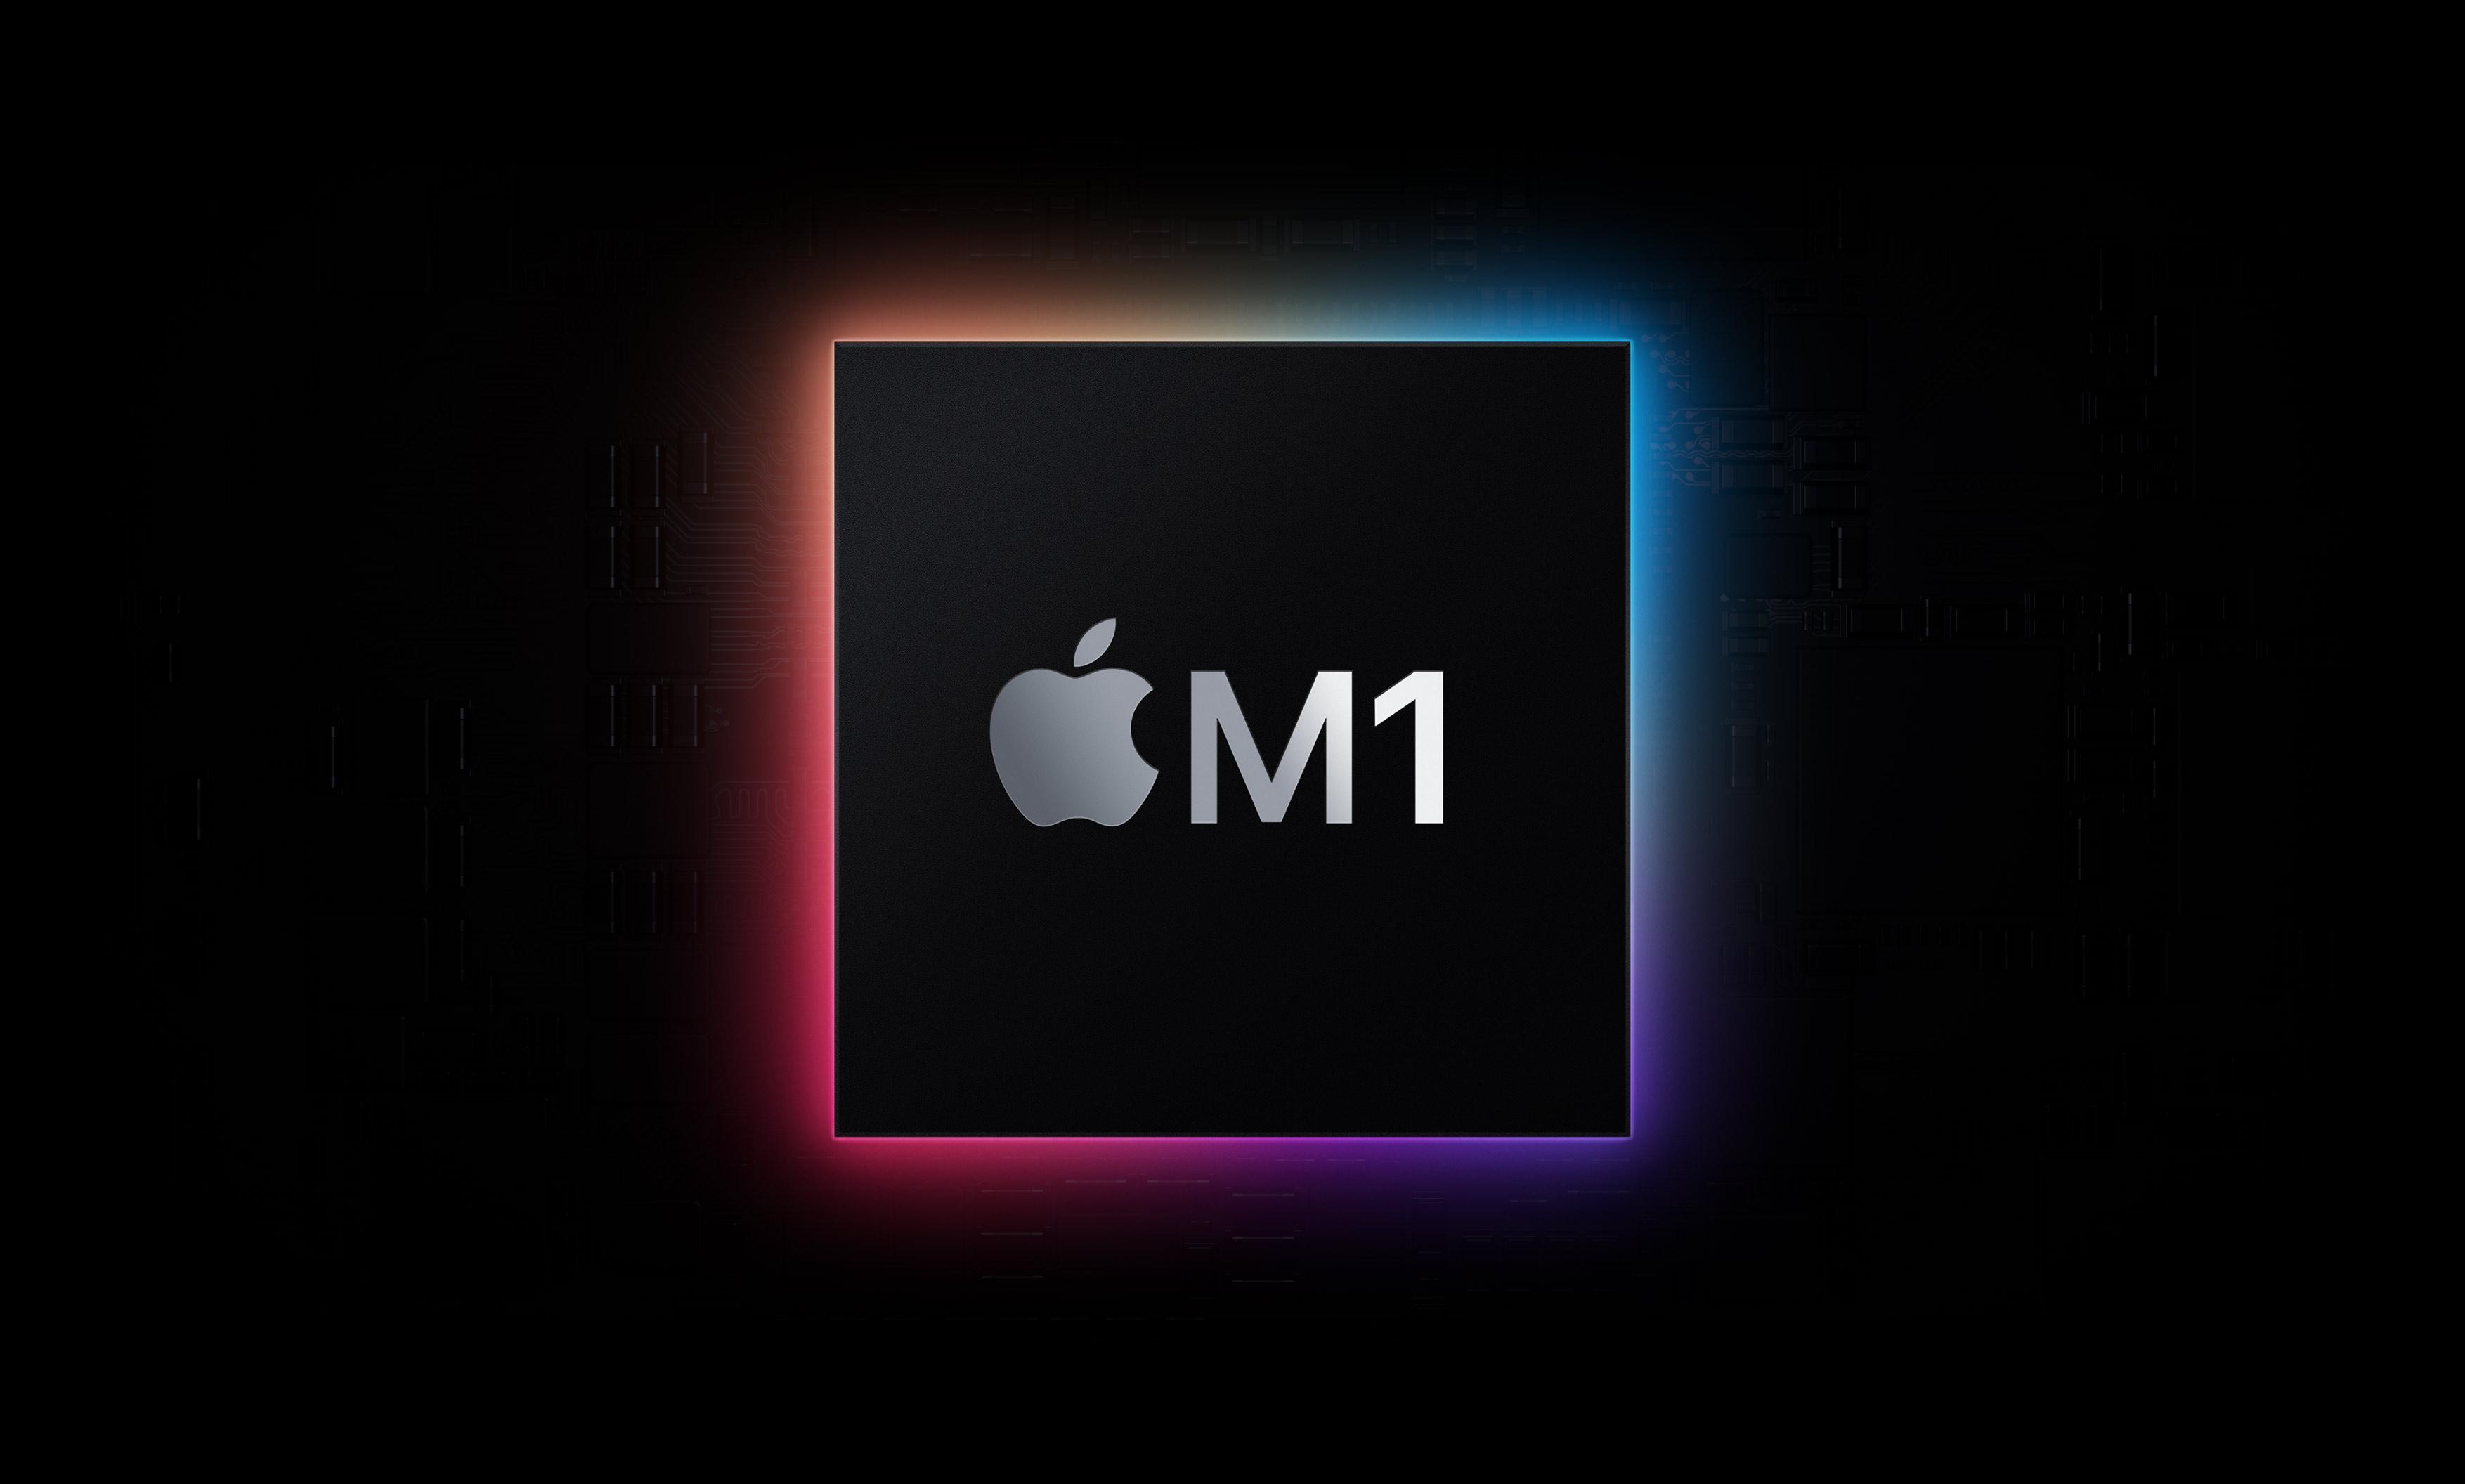 apple_silicon_endframe__forvi6ykwn6m_large_2x